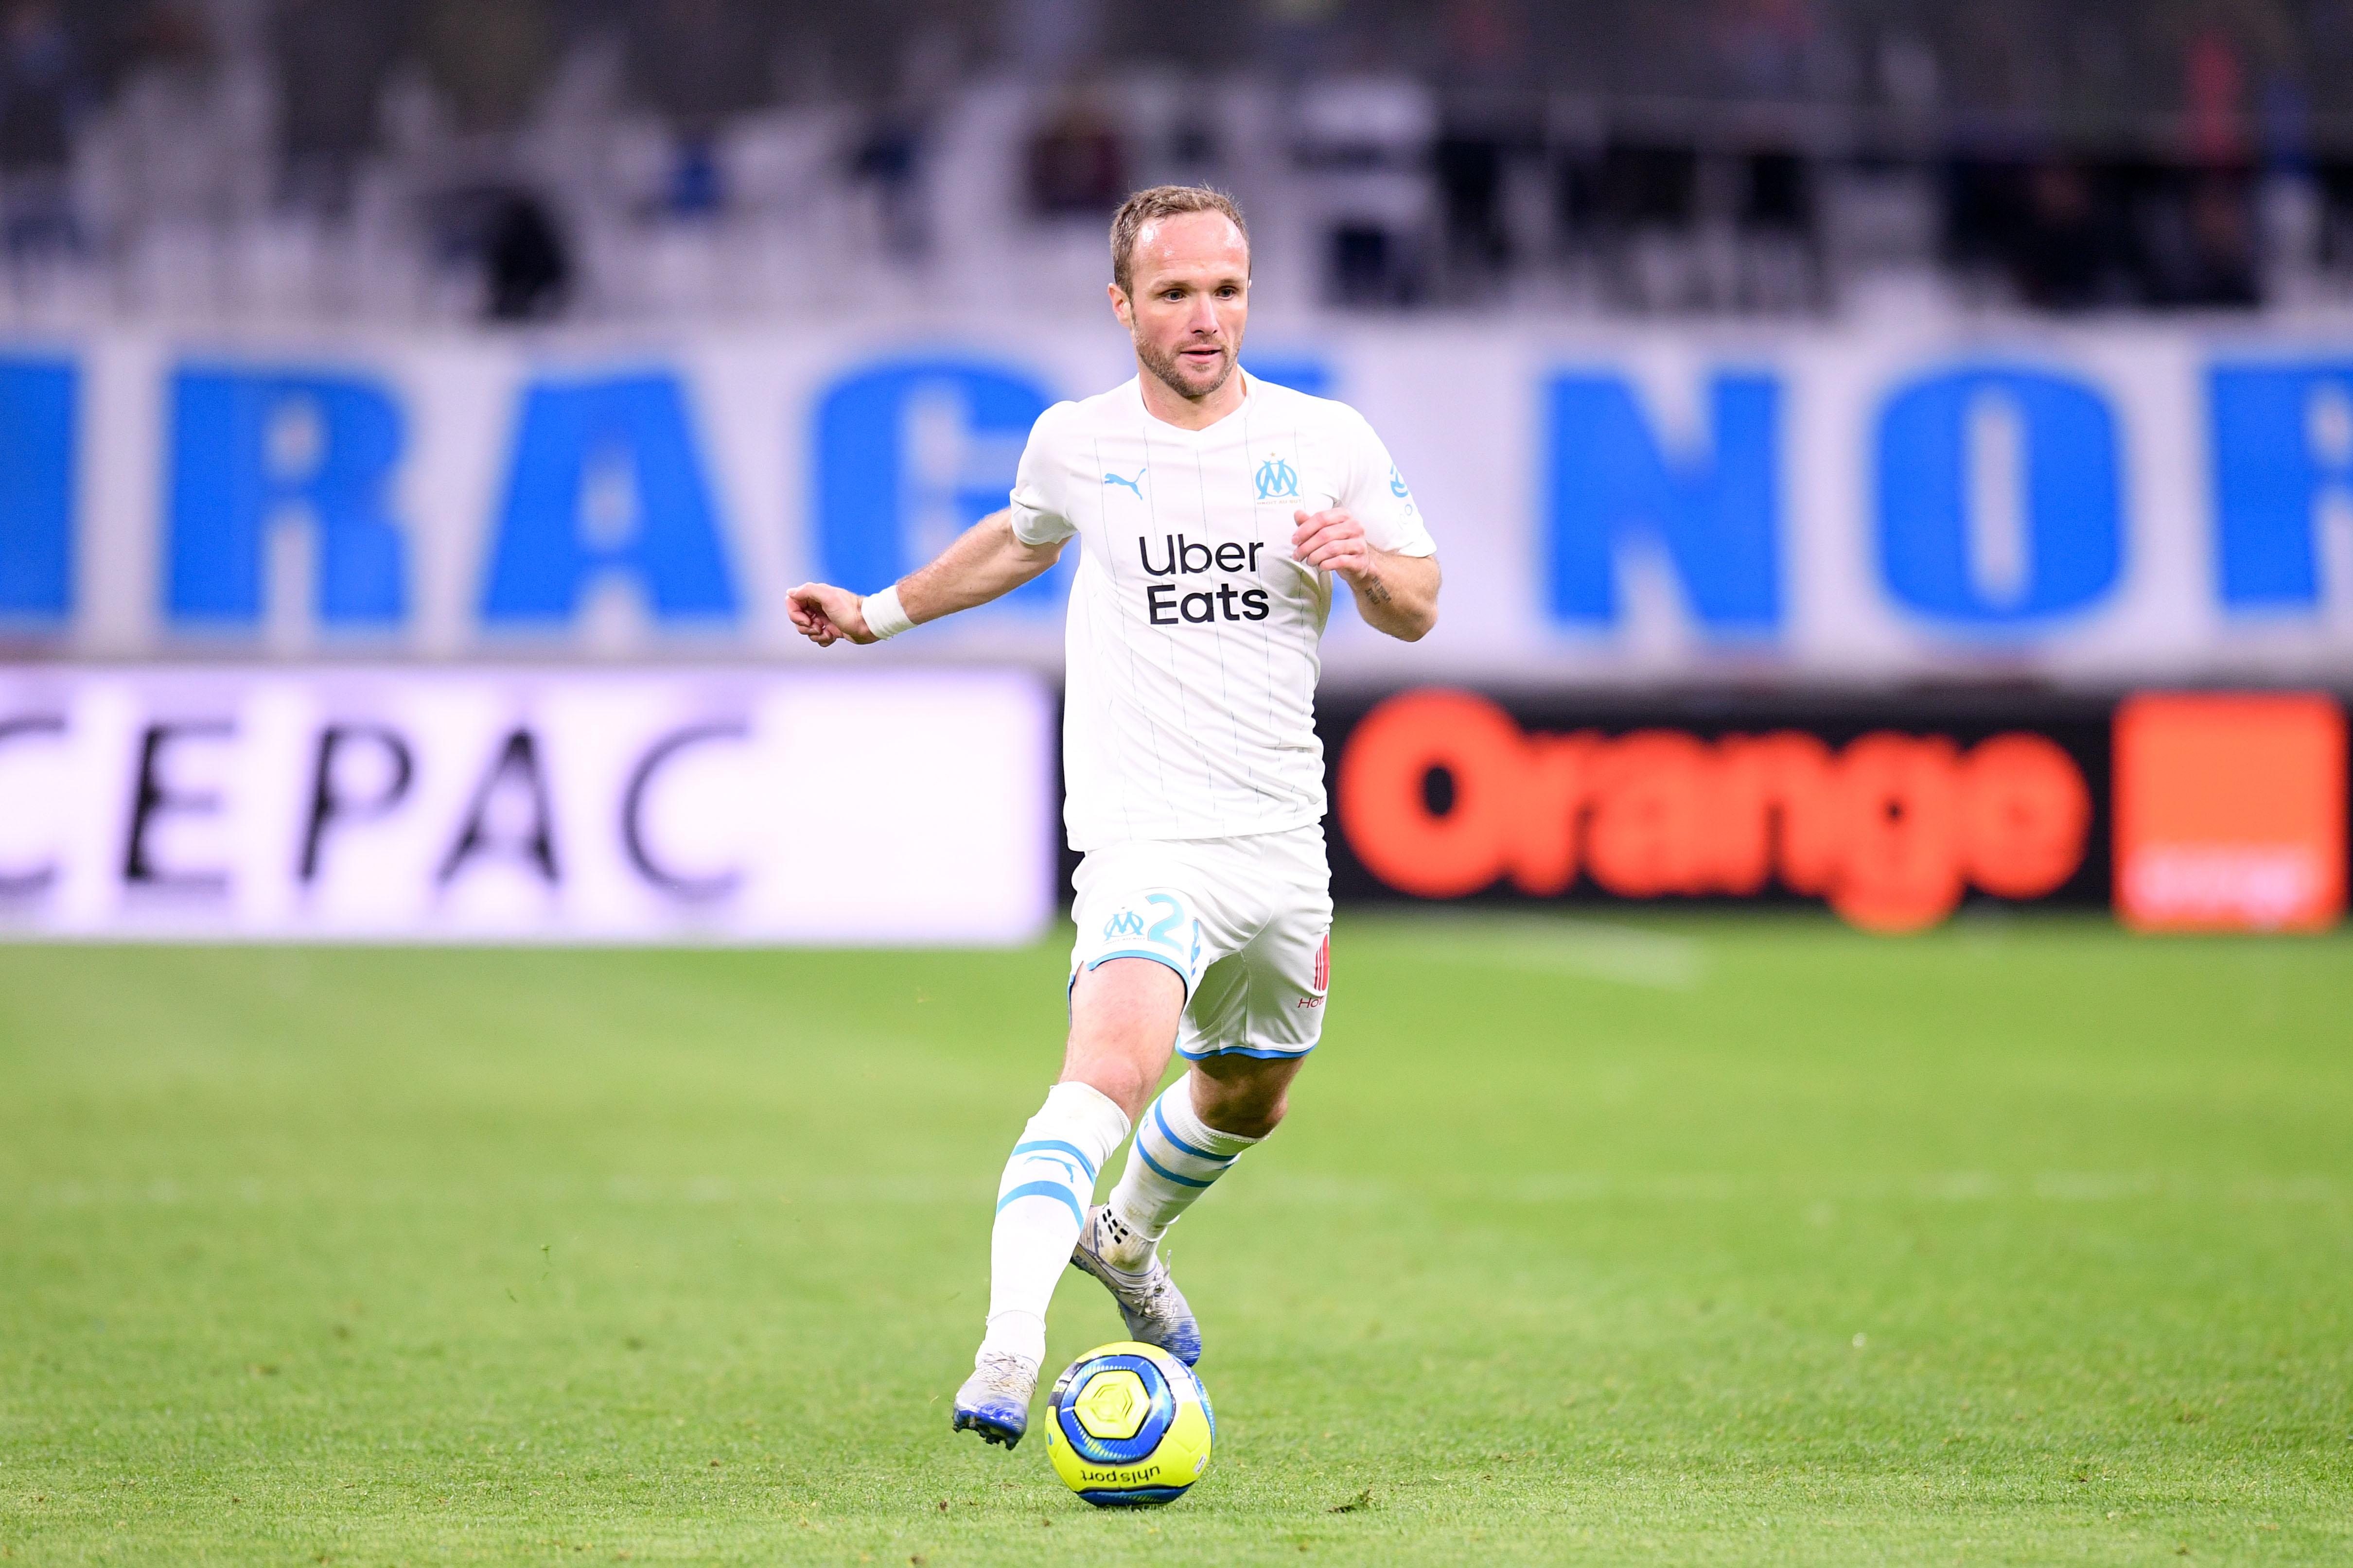 Football - Ligue 1 - Germain fête ses 30 ans : le top 5 de ses buts avec l'OM